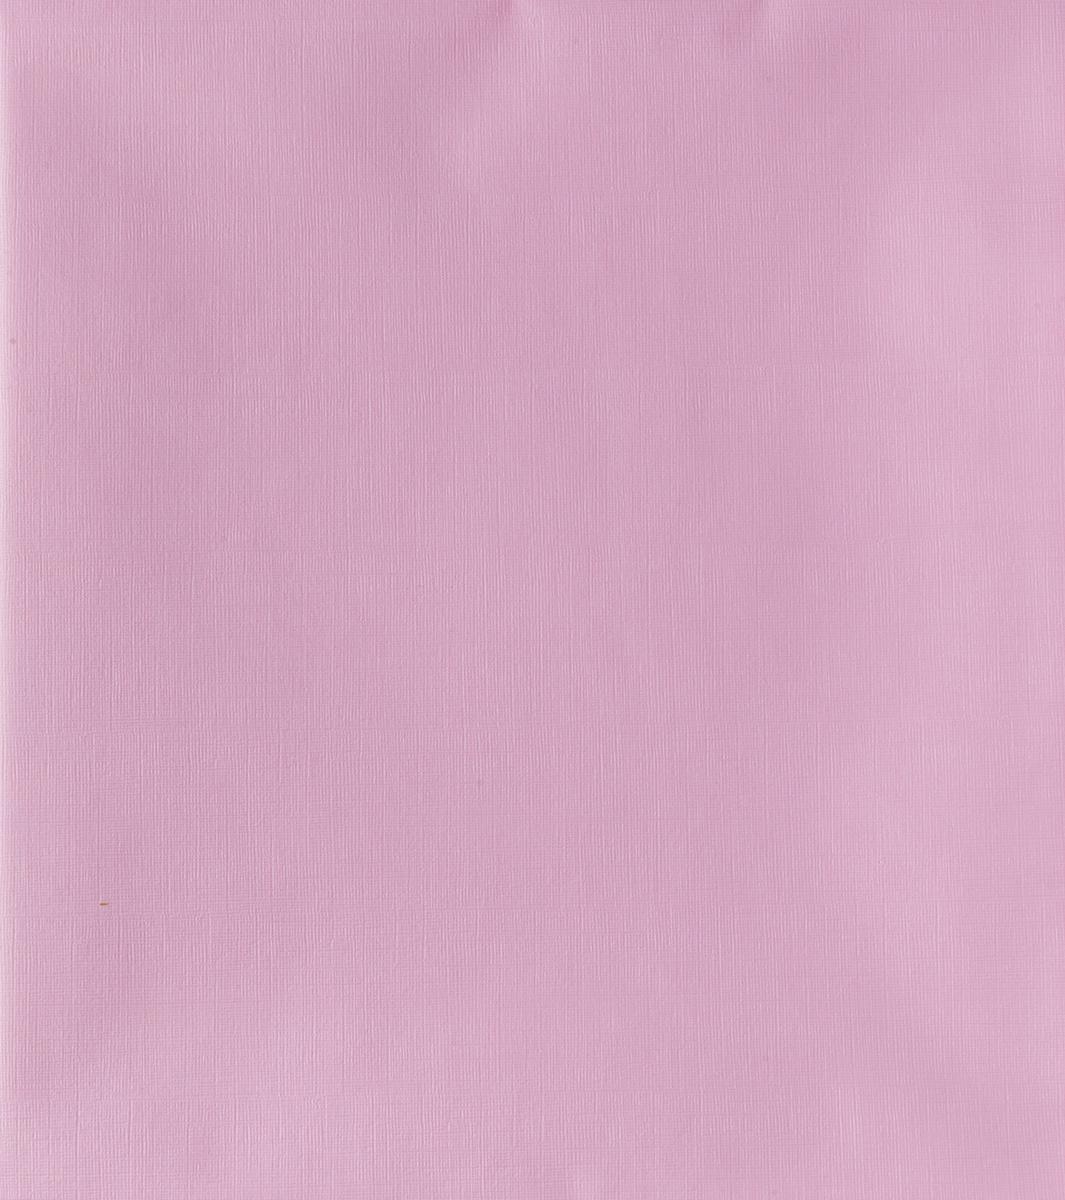 Колорит Клеенка подкладная без окантовки цвет розовый 50 х 70 см0052_розовыйКлеенка подкладная с ПВХ покрытием Колорит предназначена для санитарно-гигиенических целей в качестве подкладного материала в медицинской практике и в домашних условиях. ПВХ покрытие влагонепроницаемо и обладает эффектом теплоотдачи, что исключает эффект холодного прикосновения. Микропористая структура поливинилхлоридного покрытия способствует профилактике пролежней и трофических проявлений.